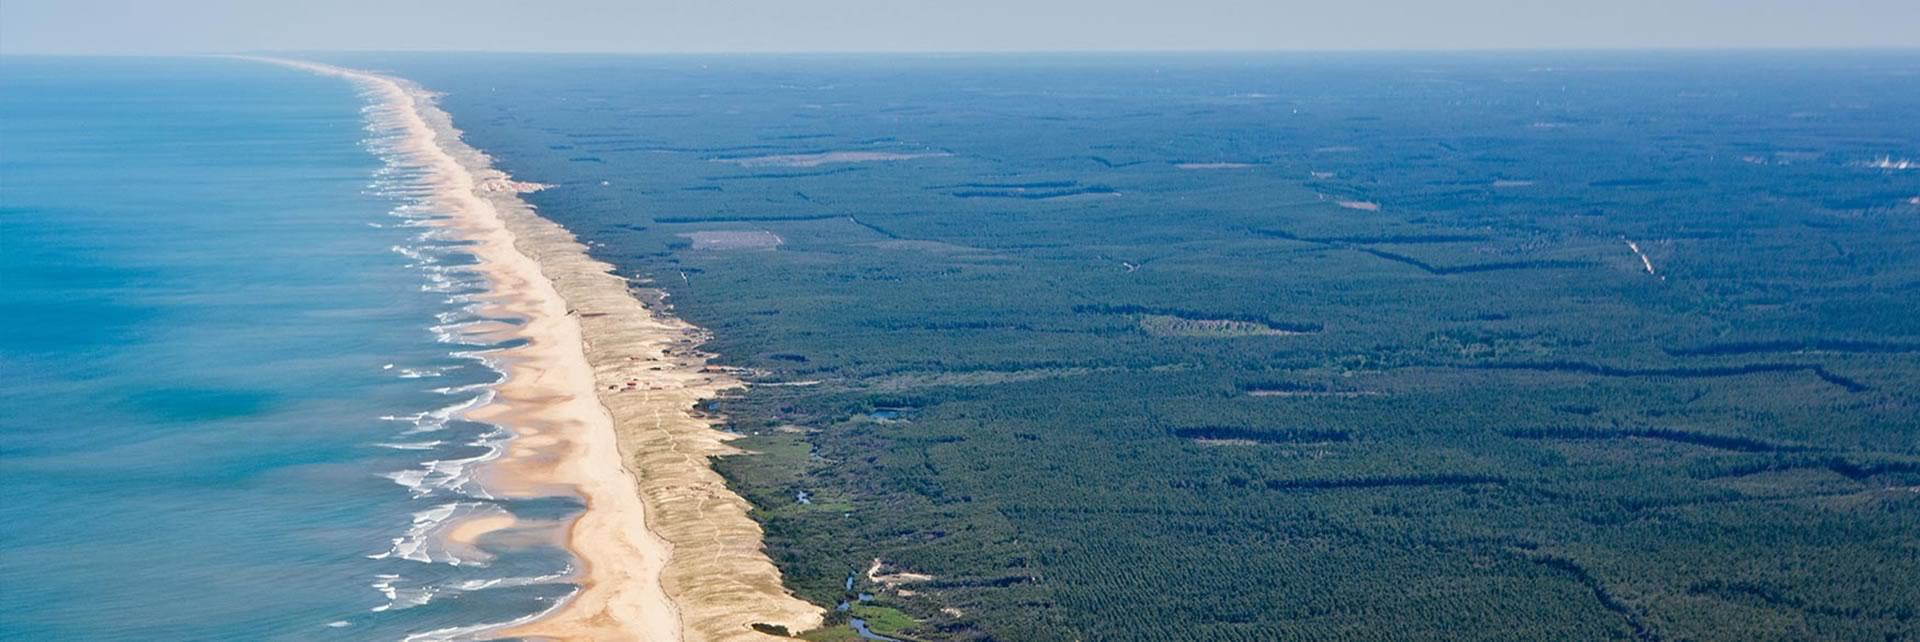 Côte landaise - The Landes coast - Die landaisische Küste